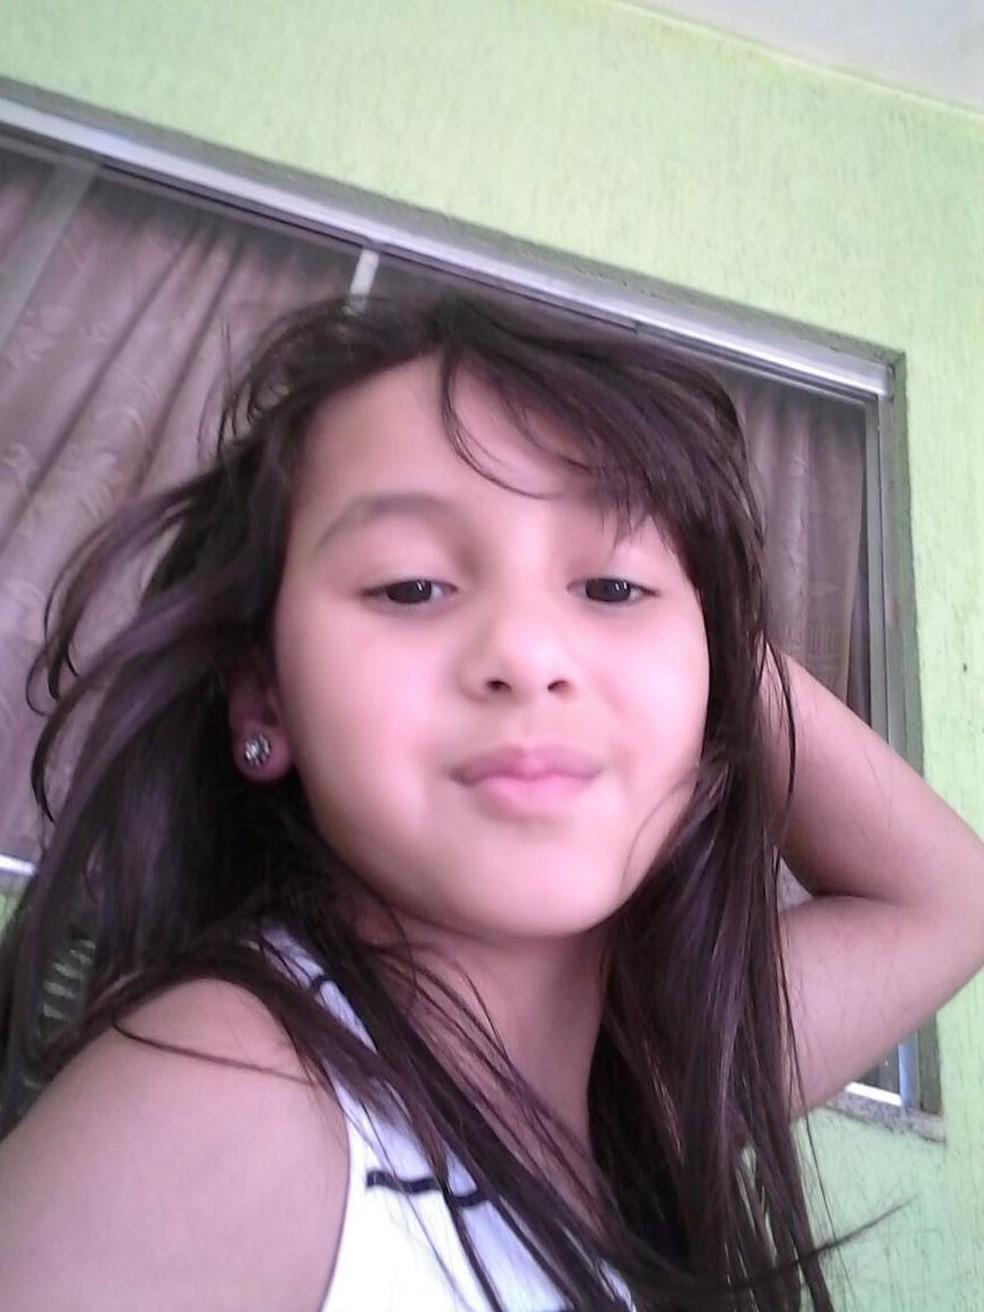 Foto da menina foi colocada no Sistema de Pessoas Desaparecidas da Secretaria da Segurança Pública (Foto: Divulgação/Sesp)